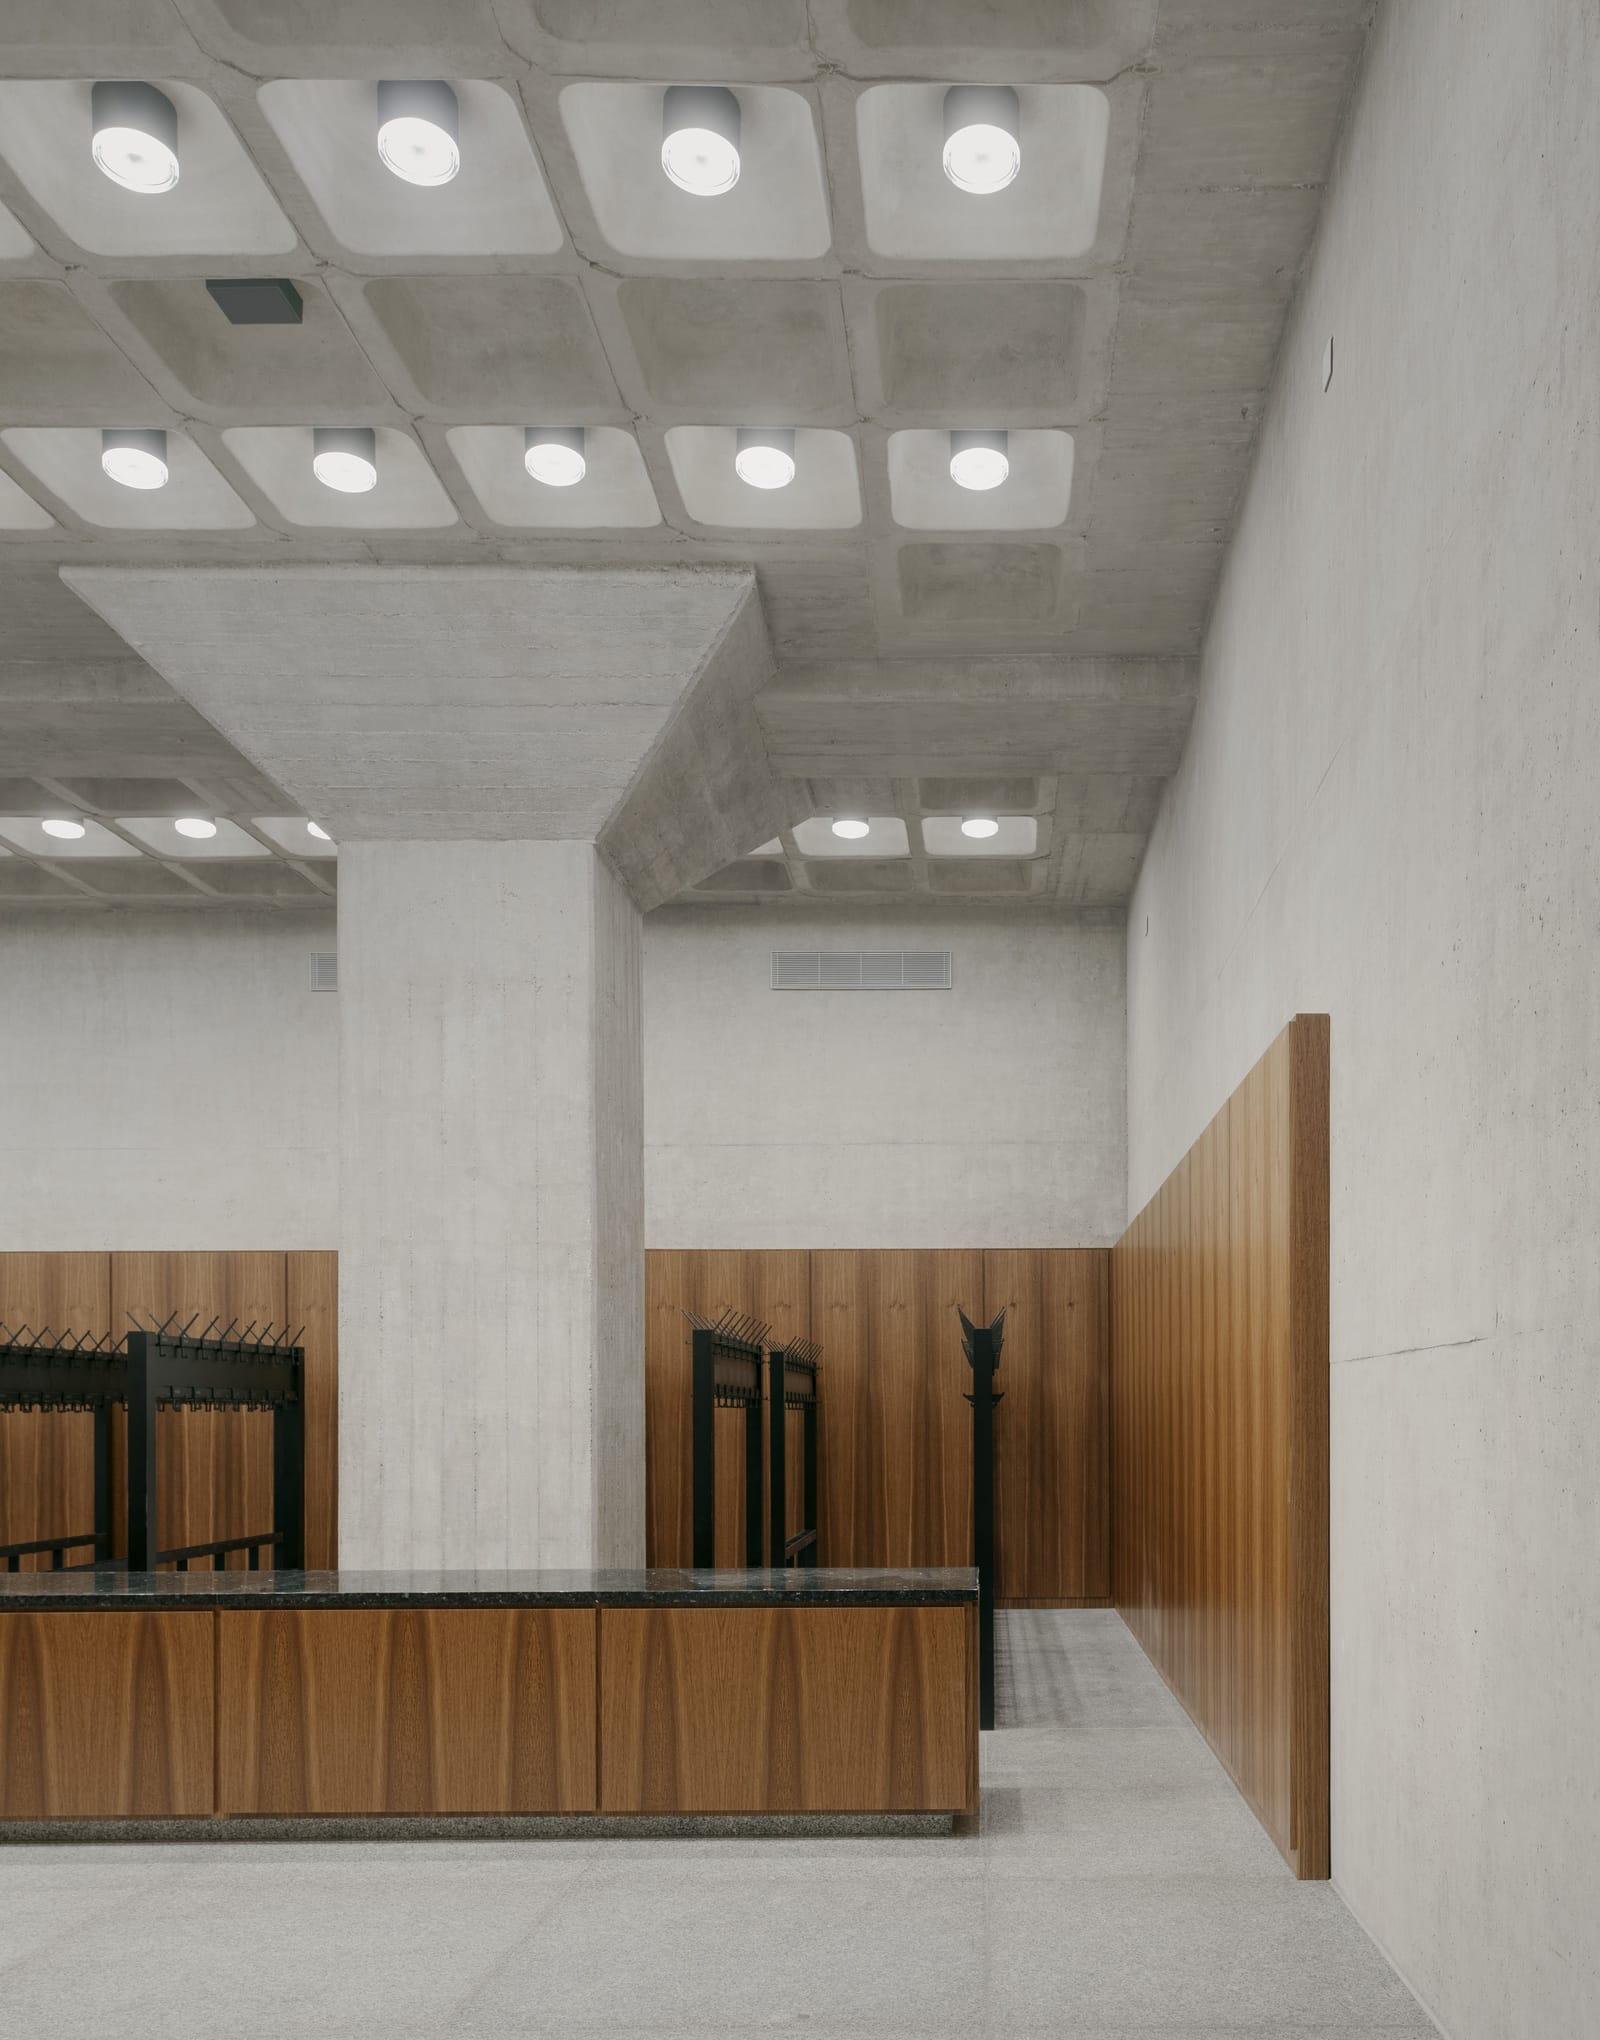 Neue Nationalgalerie Refurbishment  - 20210625 Chipperfield NeueNationalgalerieRefurbishment 11 55